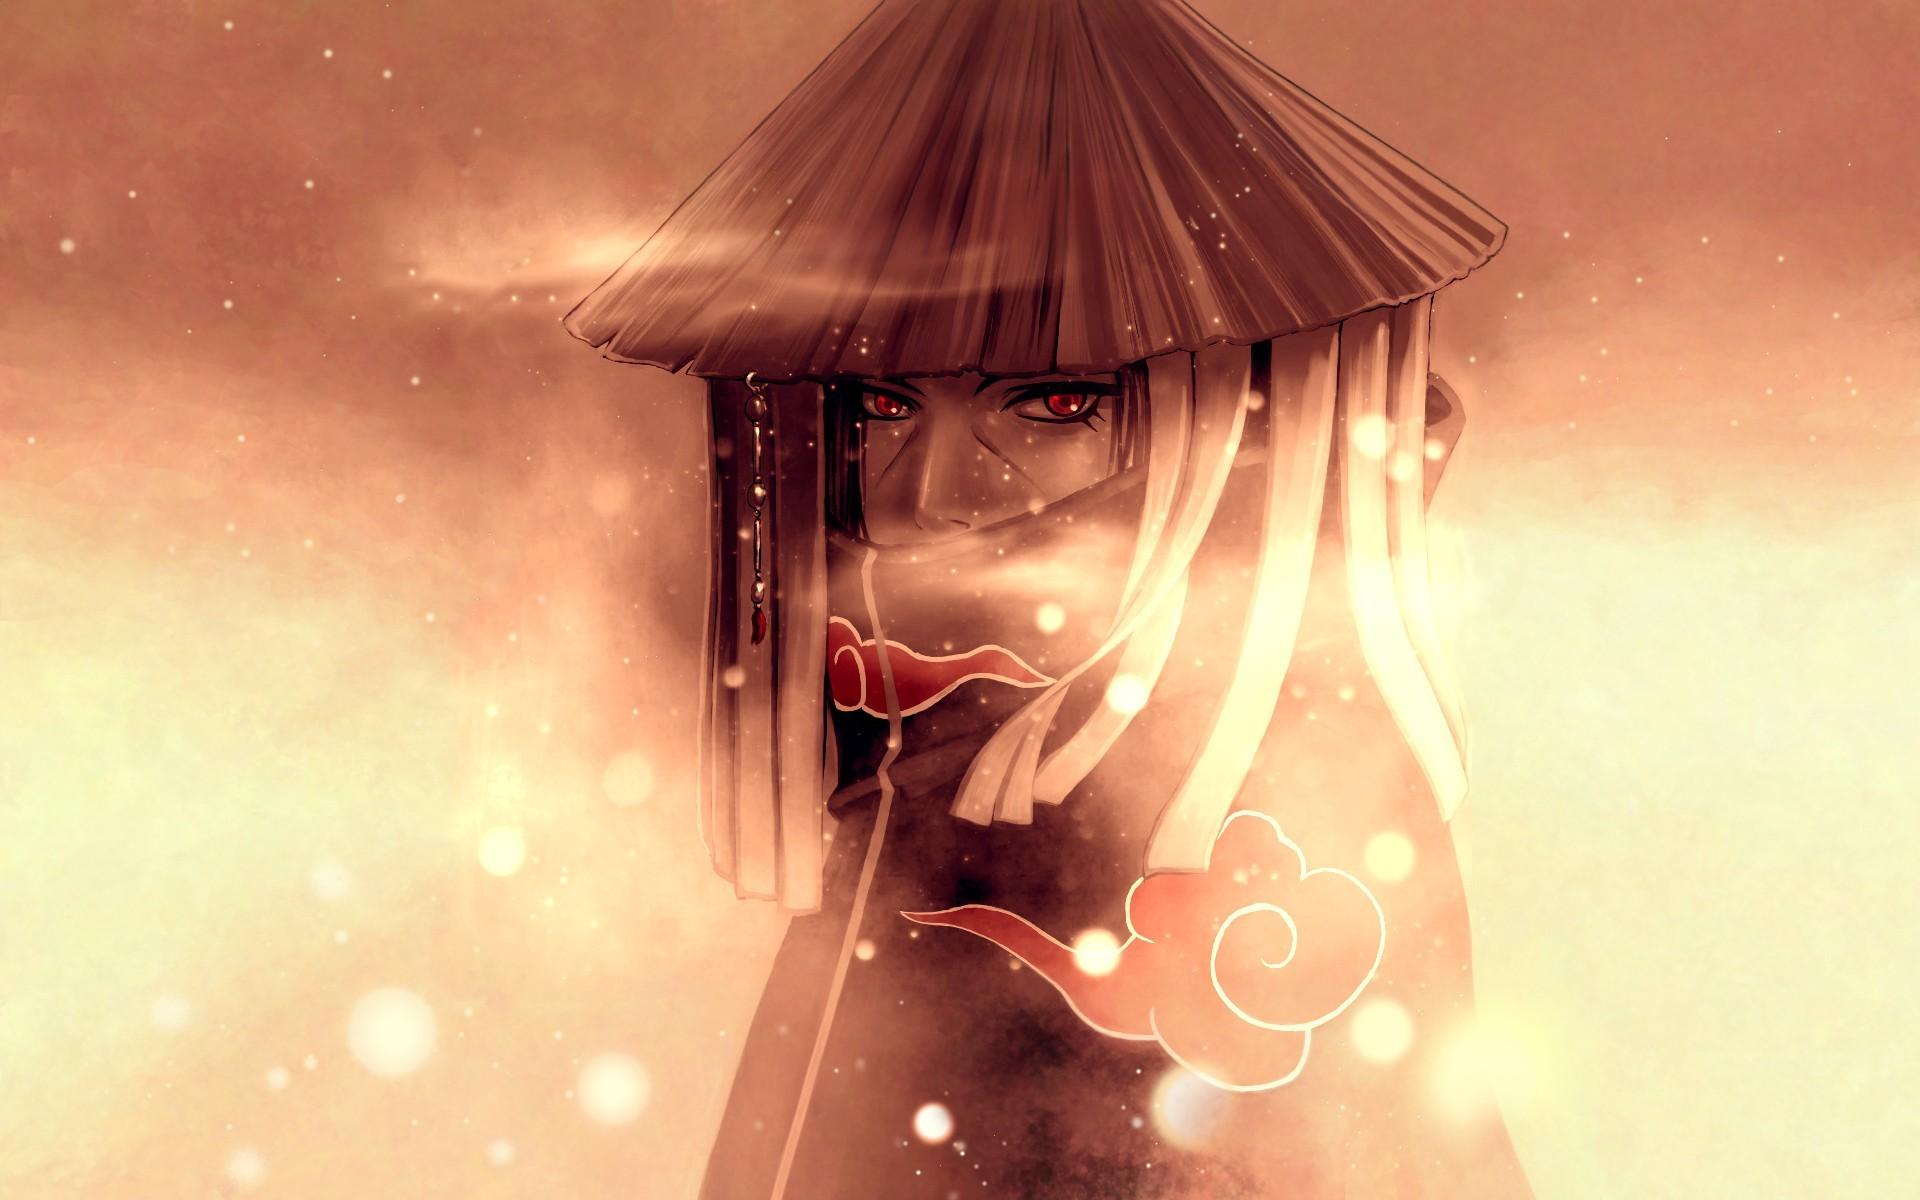 grande variété de modèles sélectionner pour dernier énorme réduction Fond d'écran : lumière du soleil, Anime, rouge, chapeau ...